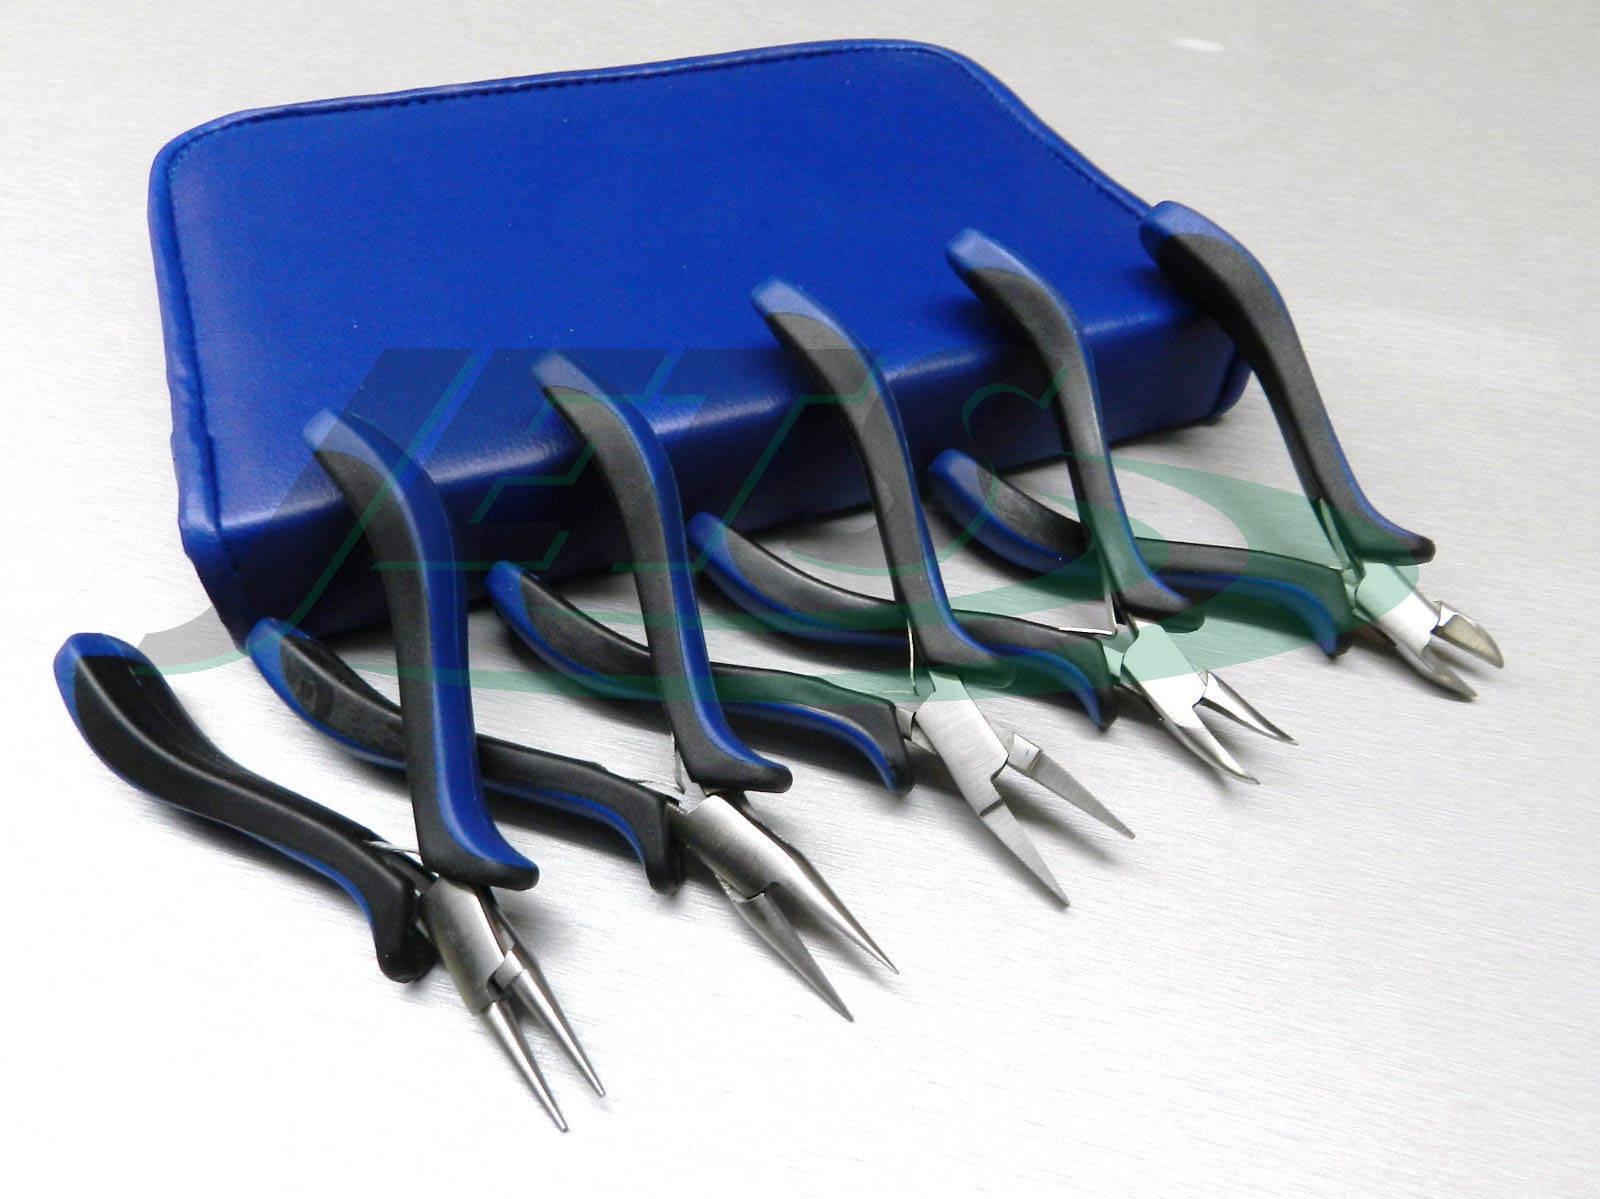 Ensemble de pinces bijoux de 5 Kit Kit Kit pour Wire Wrapping travail de perlage de fabrication de bijoux de l'artisanat (1,4 FRE) 8c043a